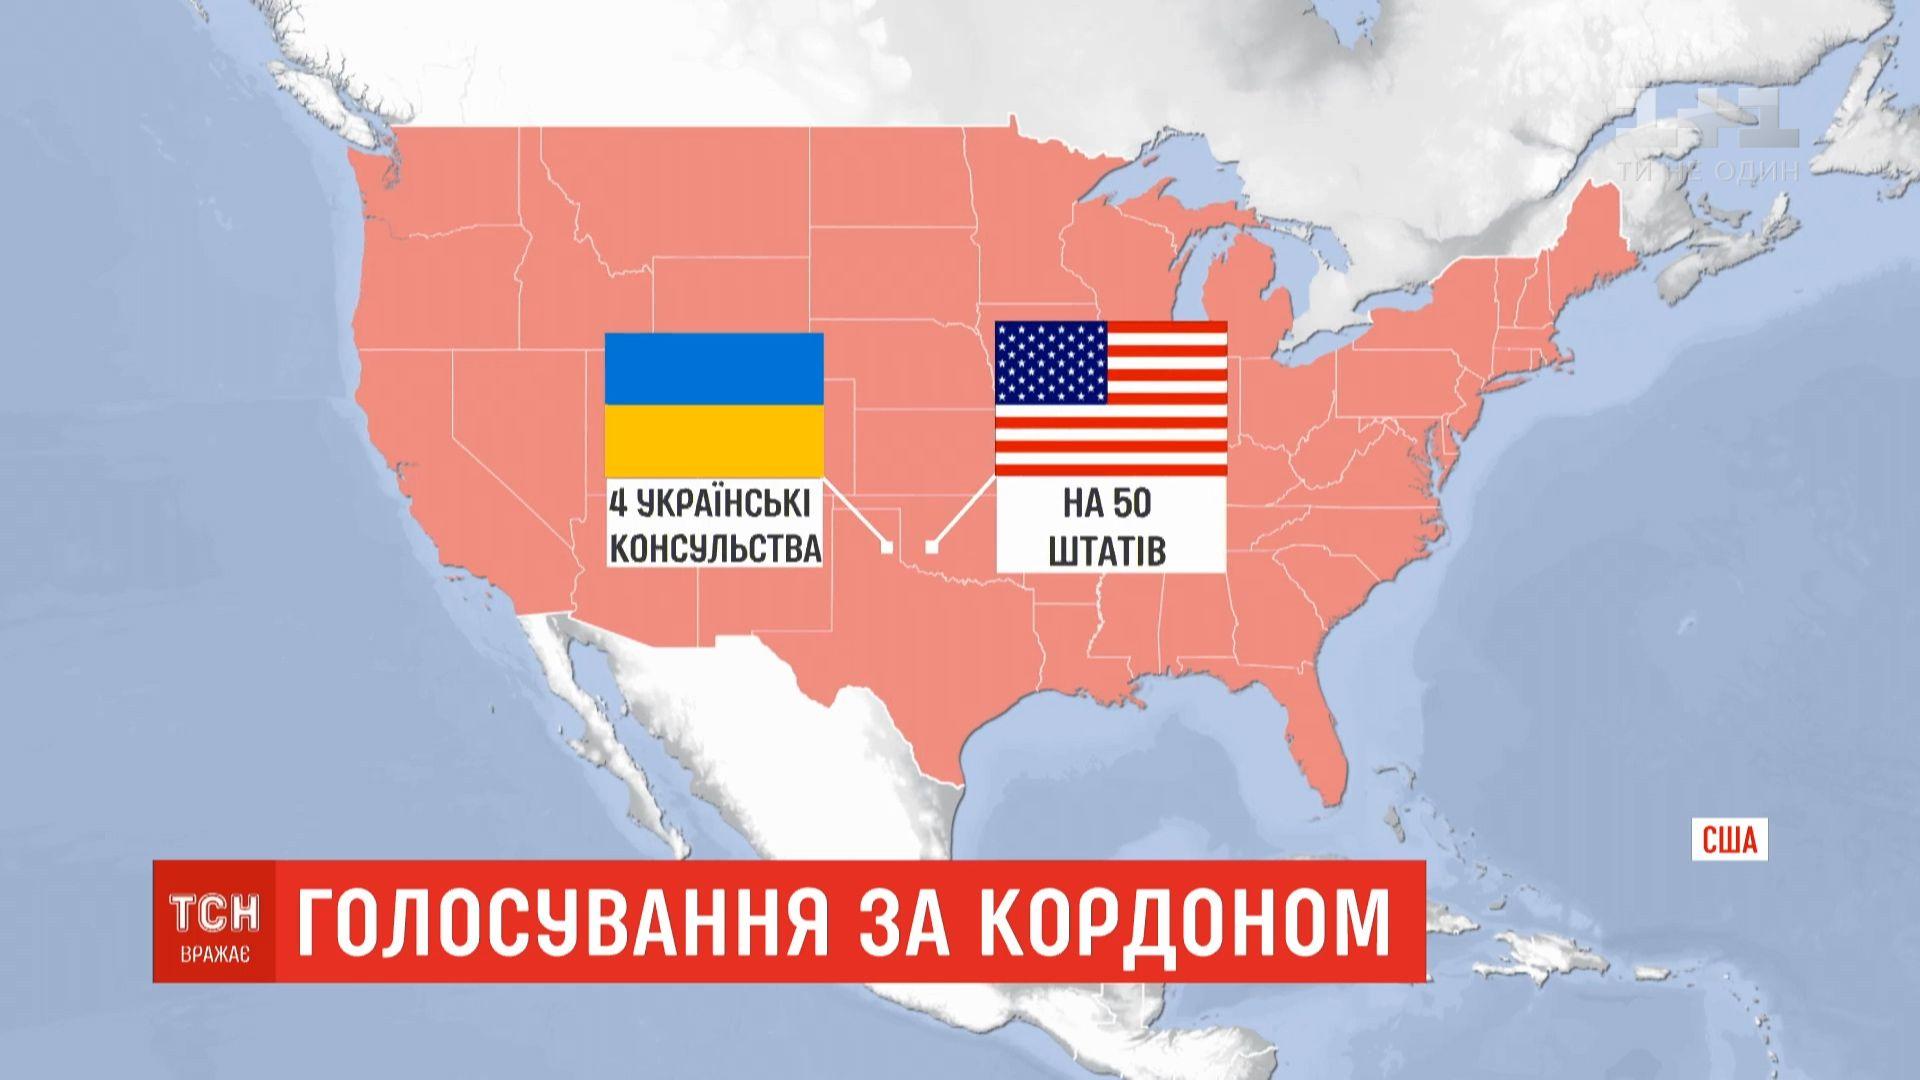 Перед президентскими выборами на учет в США стали уже шесть тысяч человек / скриншот